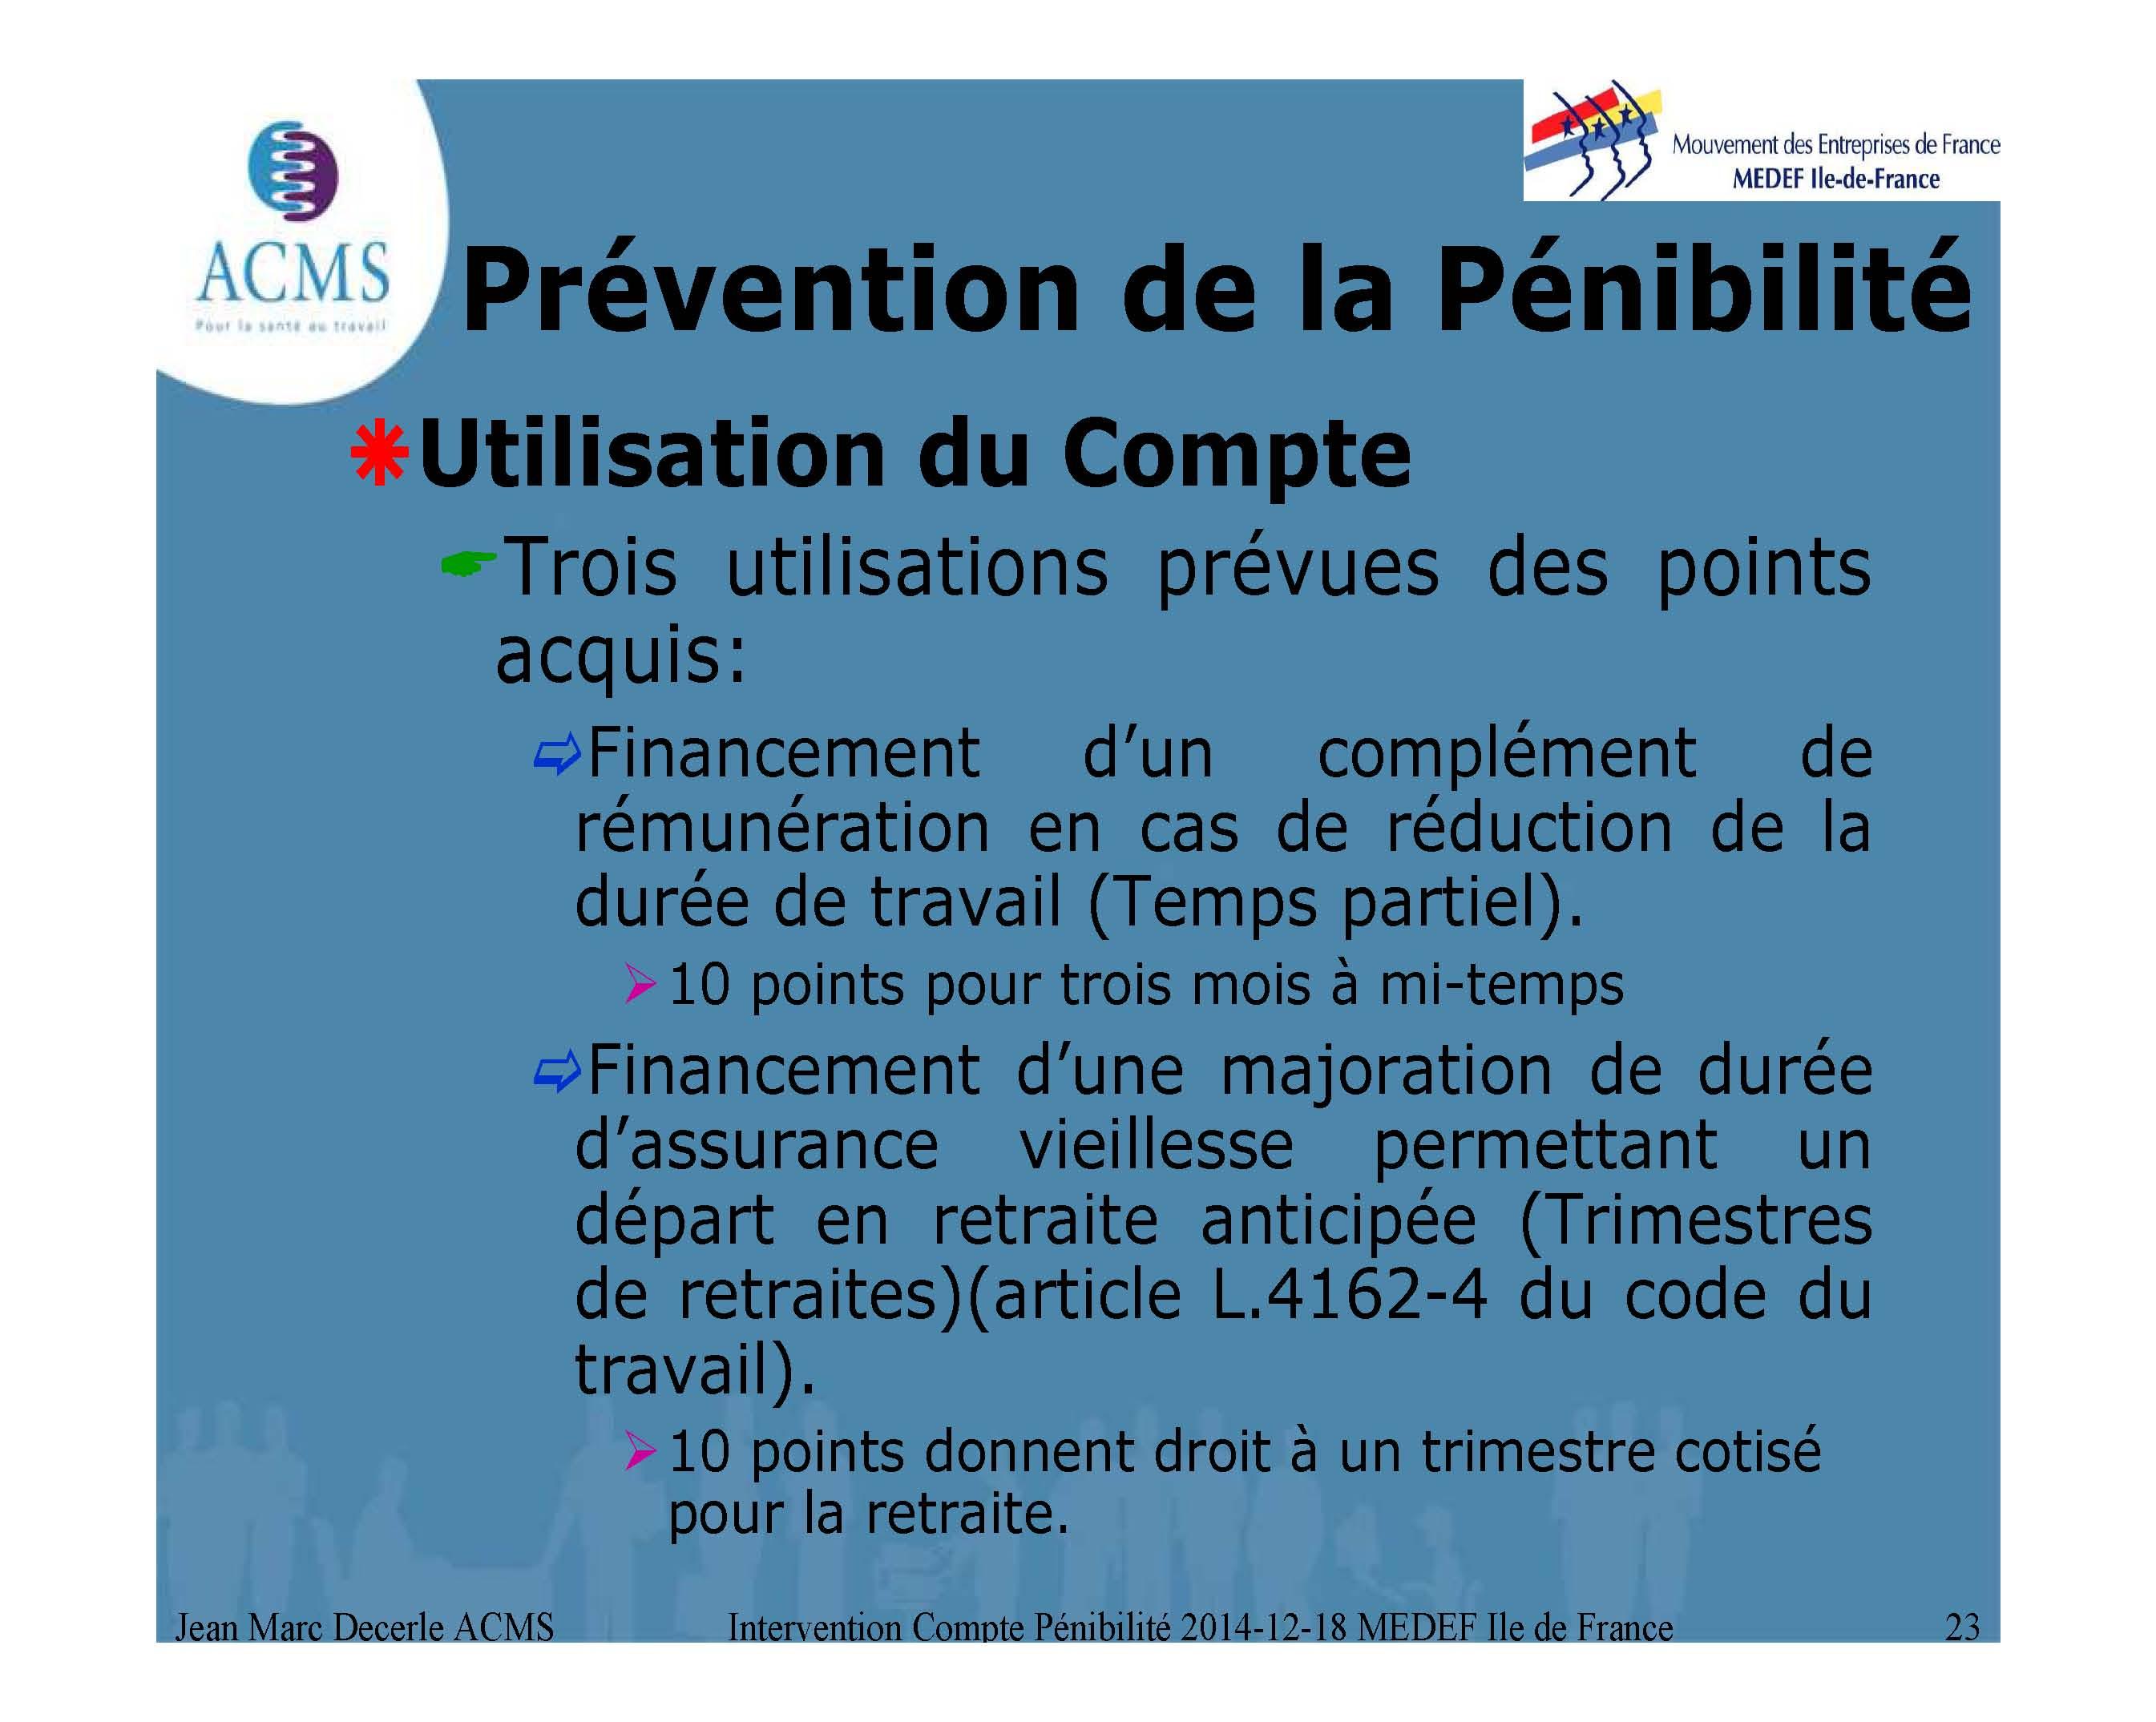 2014-12-18 Compte Pénibilite MEDEF Ile de France_Page_23